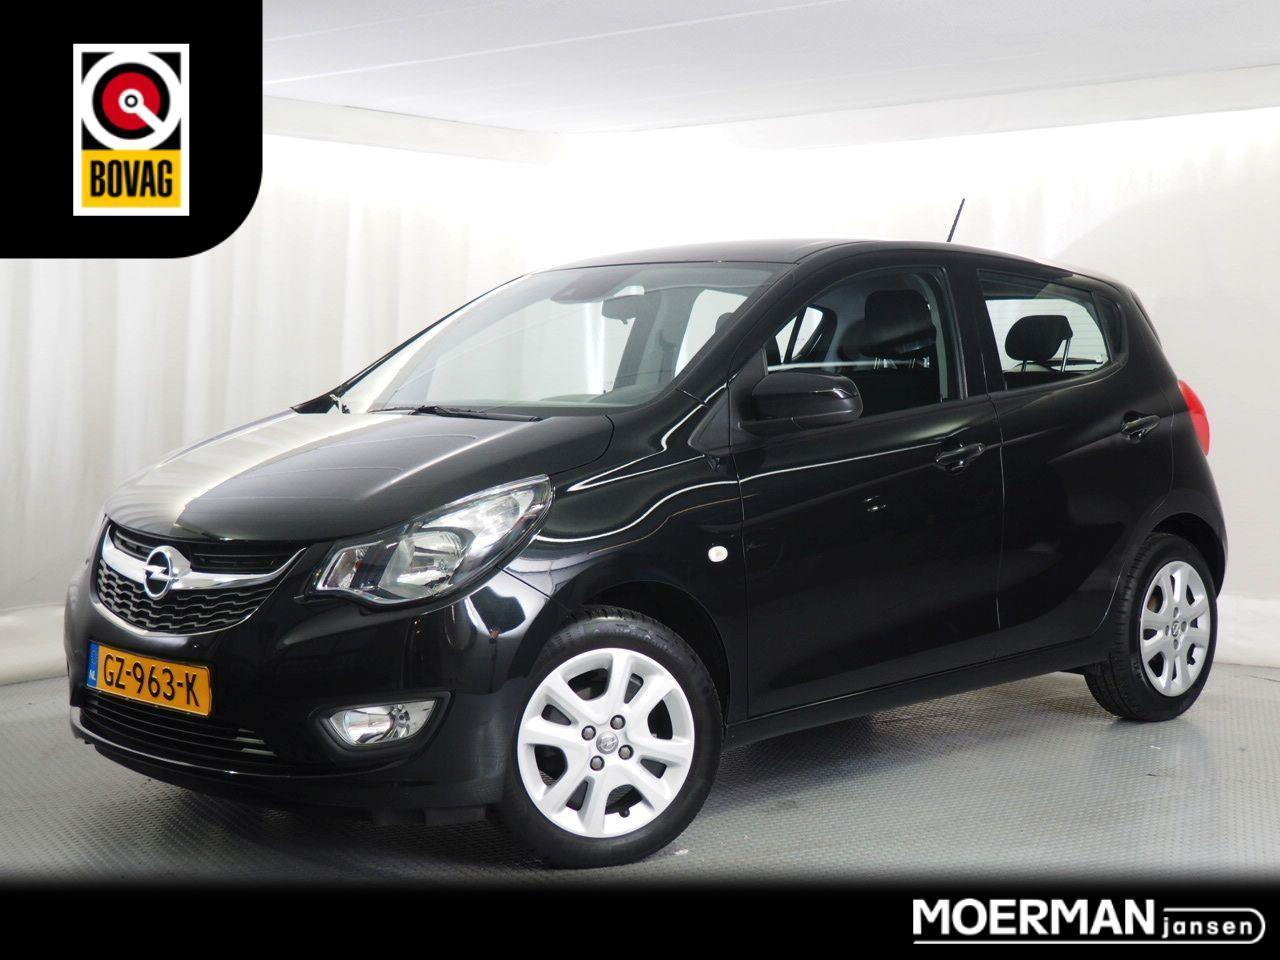 Opel Karl 1.0 ecoflex edition / 5 deurs / hoge instap / 20.000km / 1e eigenaar / dealer onderhouden